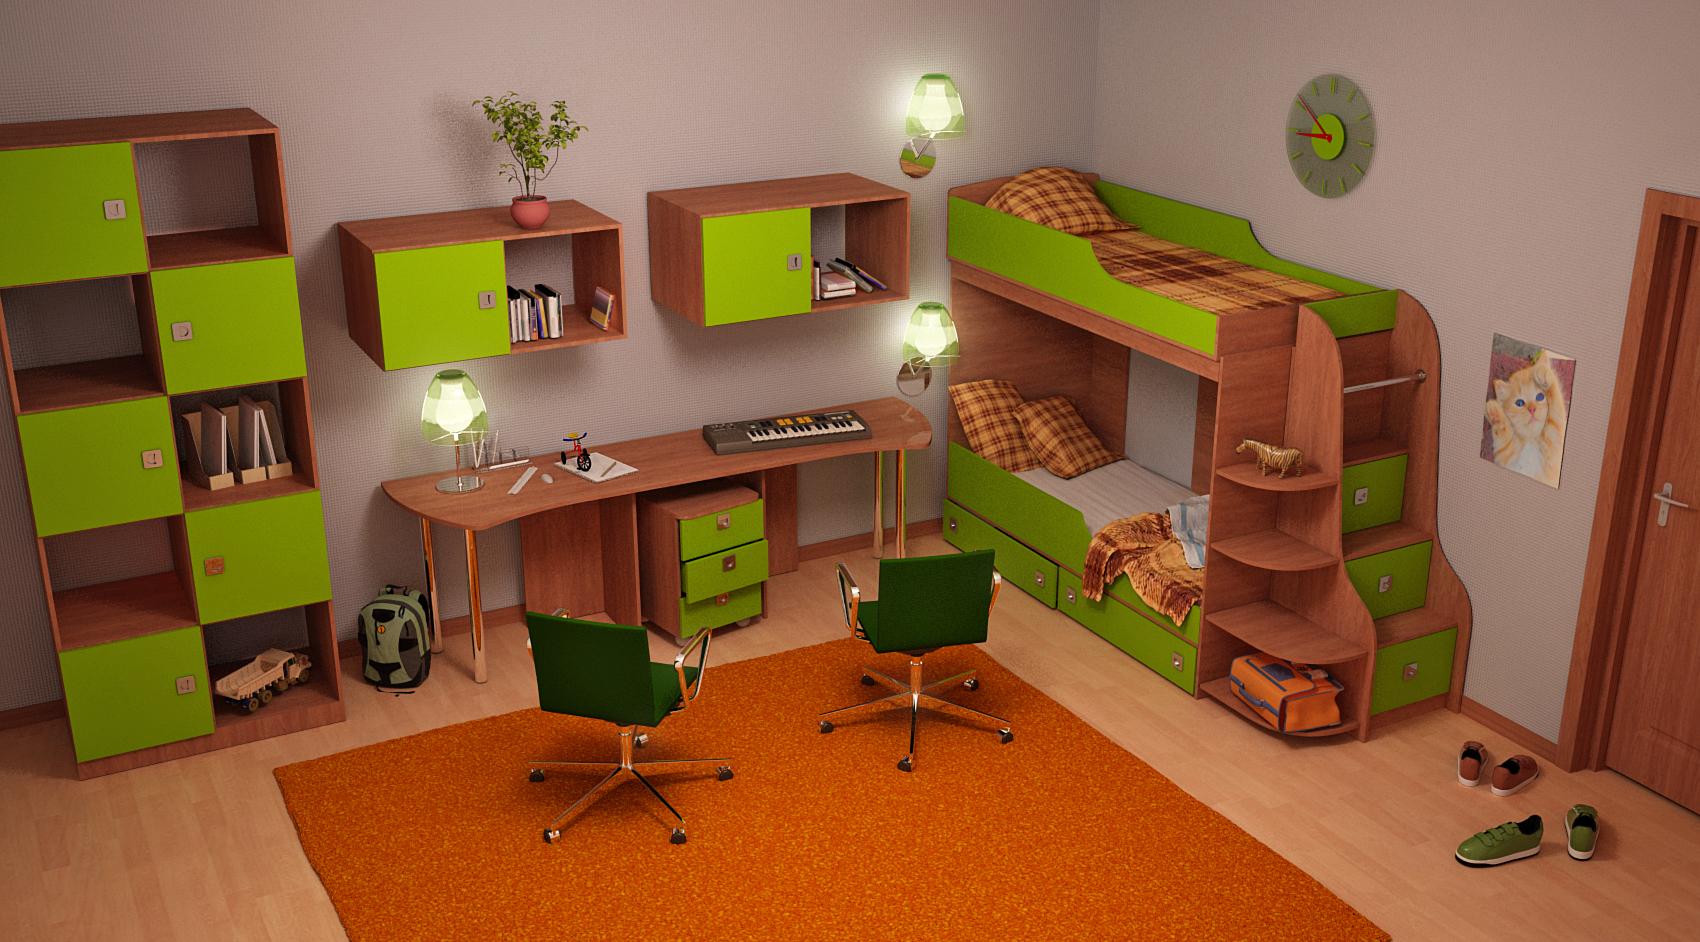 Какой должна быть мебель для детской комнаты для двоих детей.